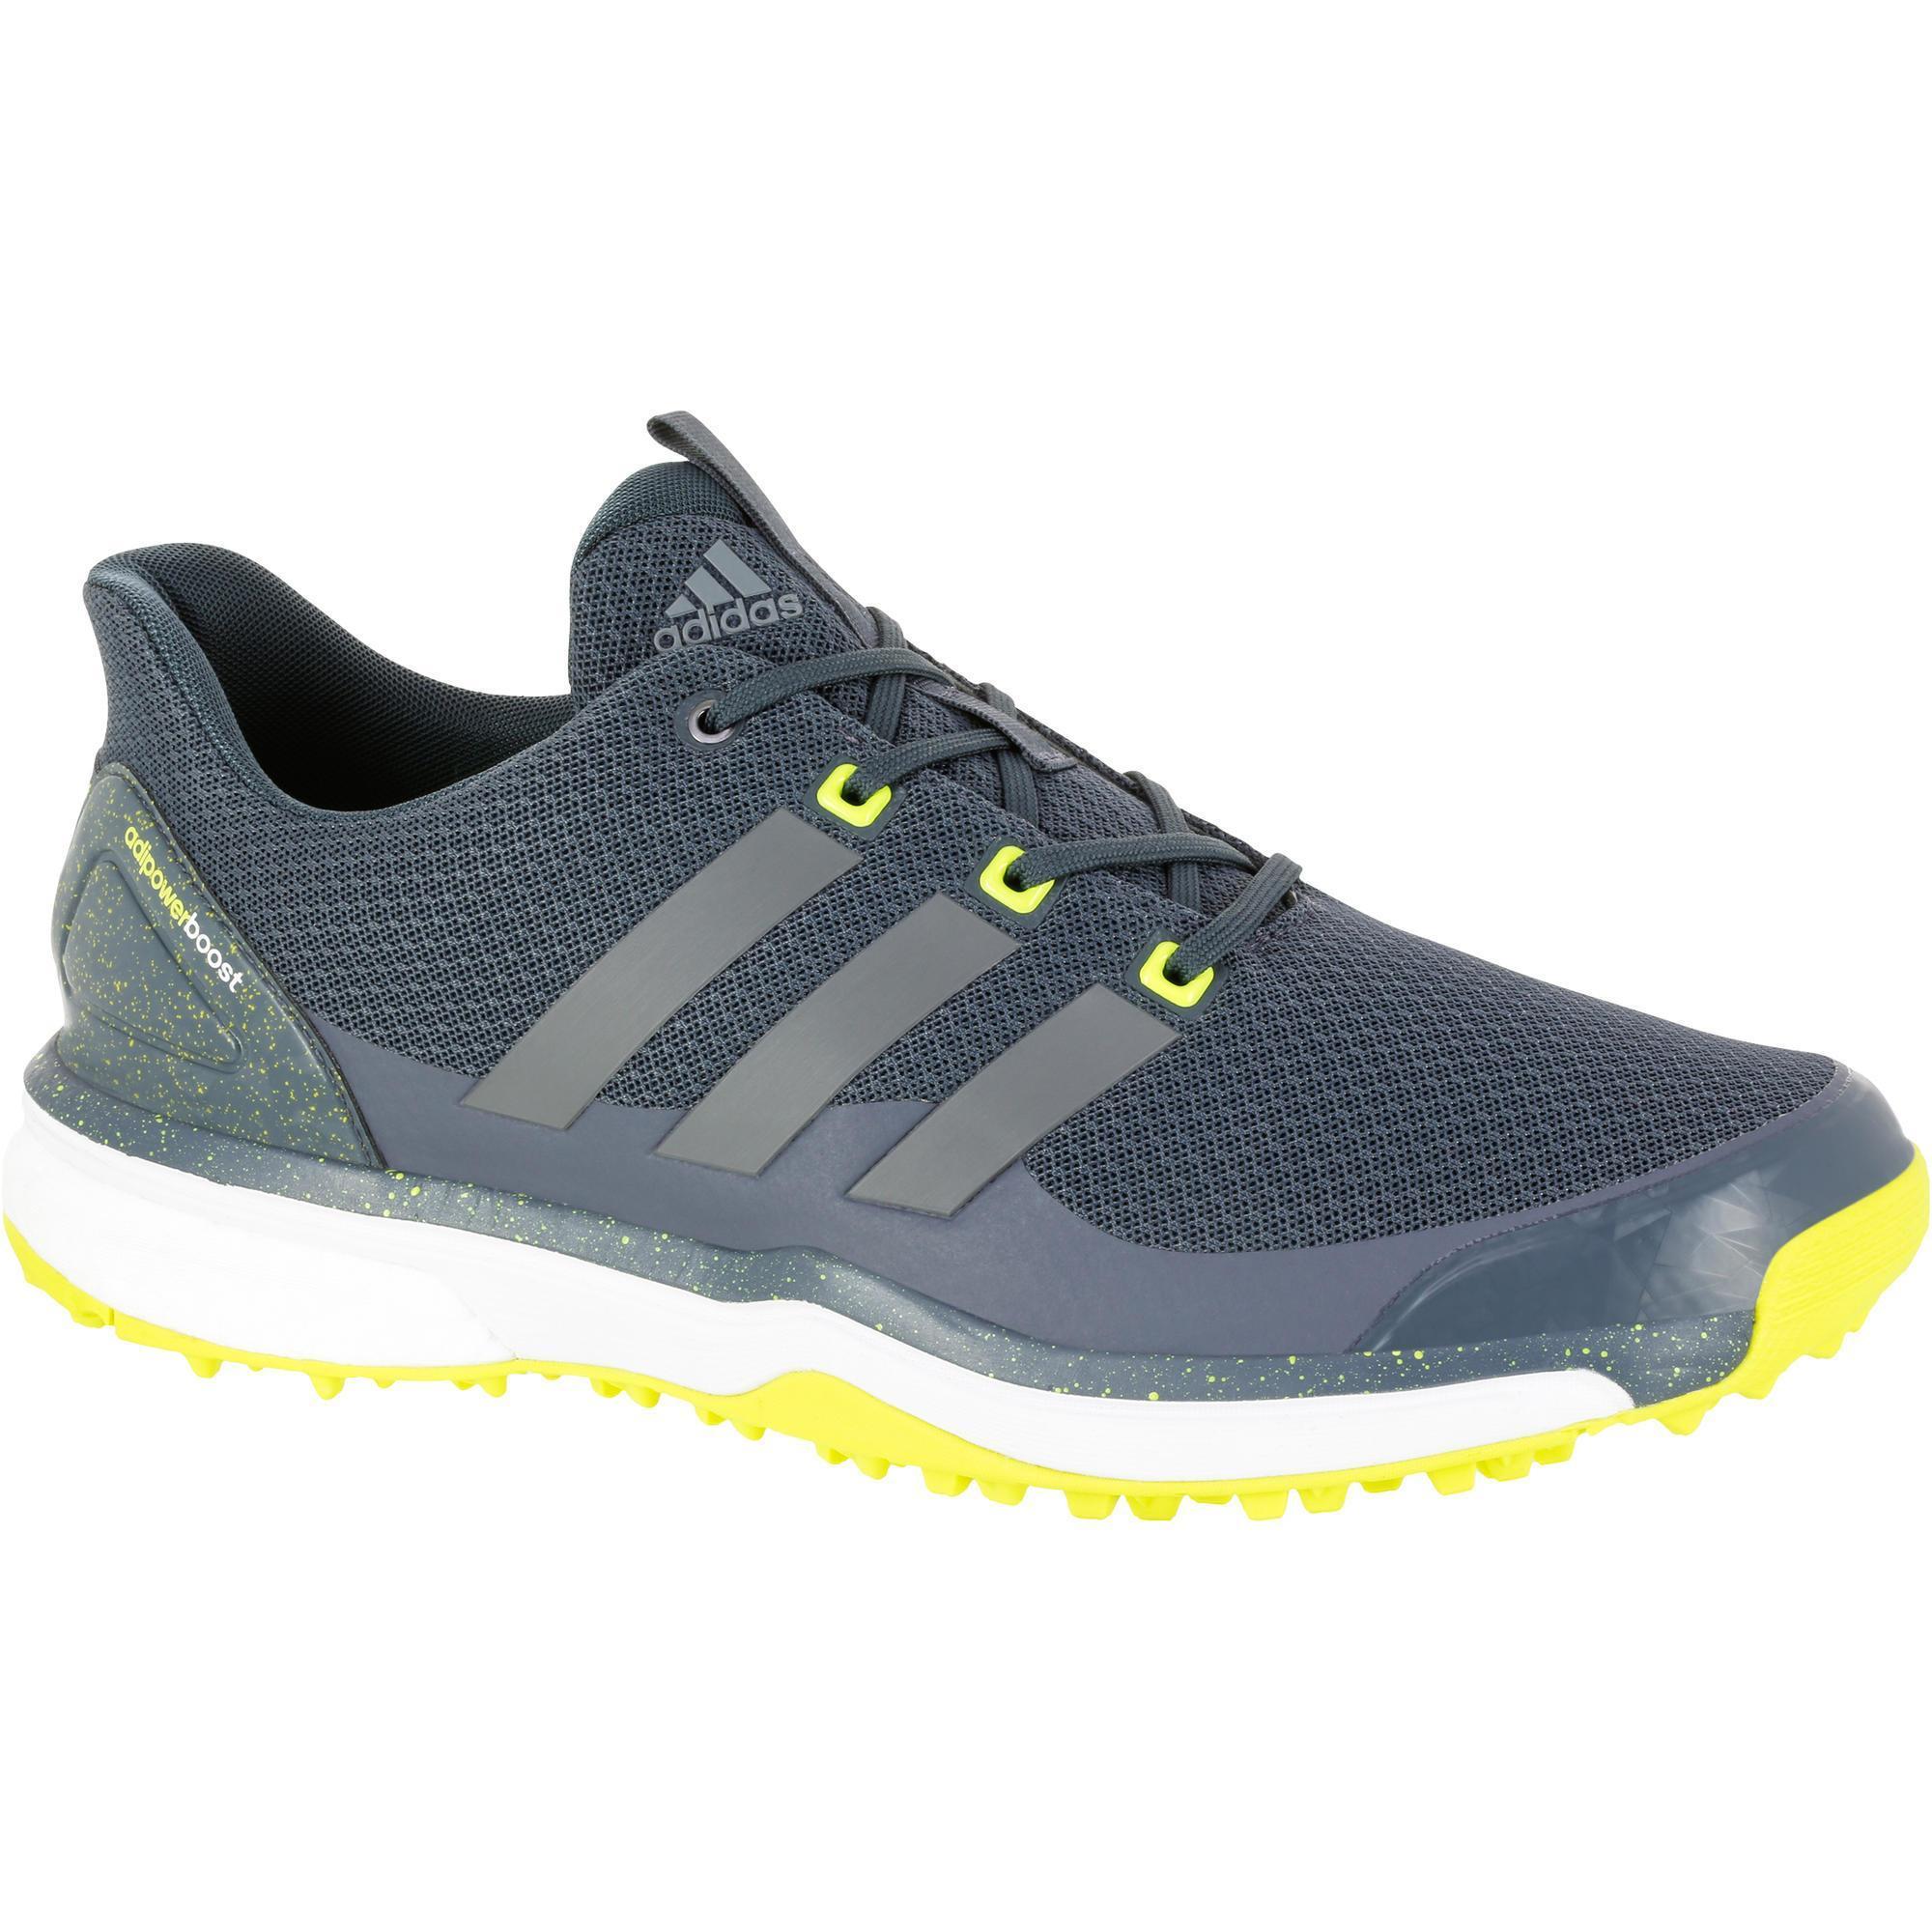 Adidas Golfschoenen voor heren Adipower Boost grijs